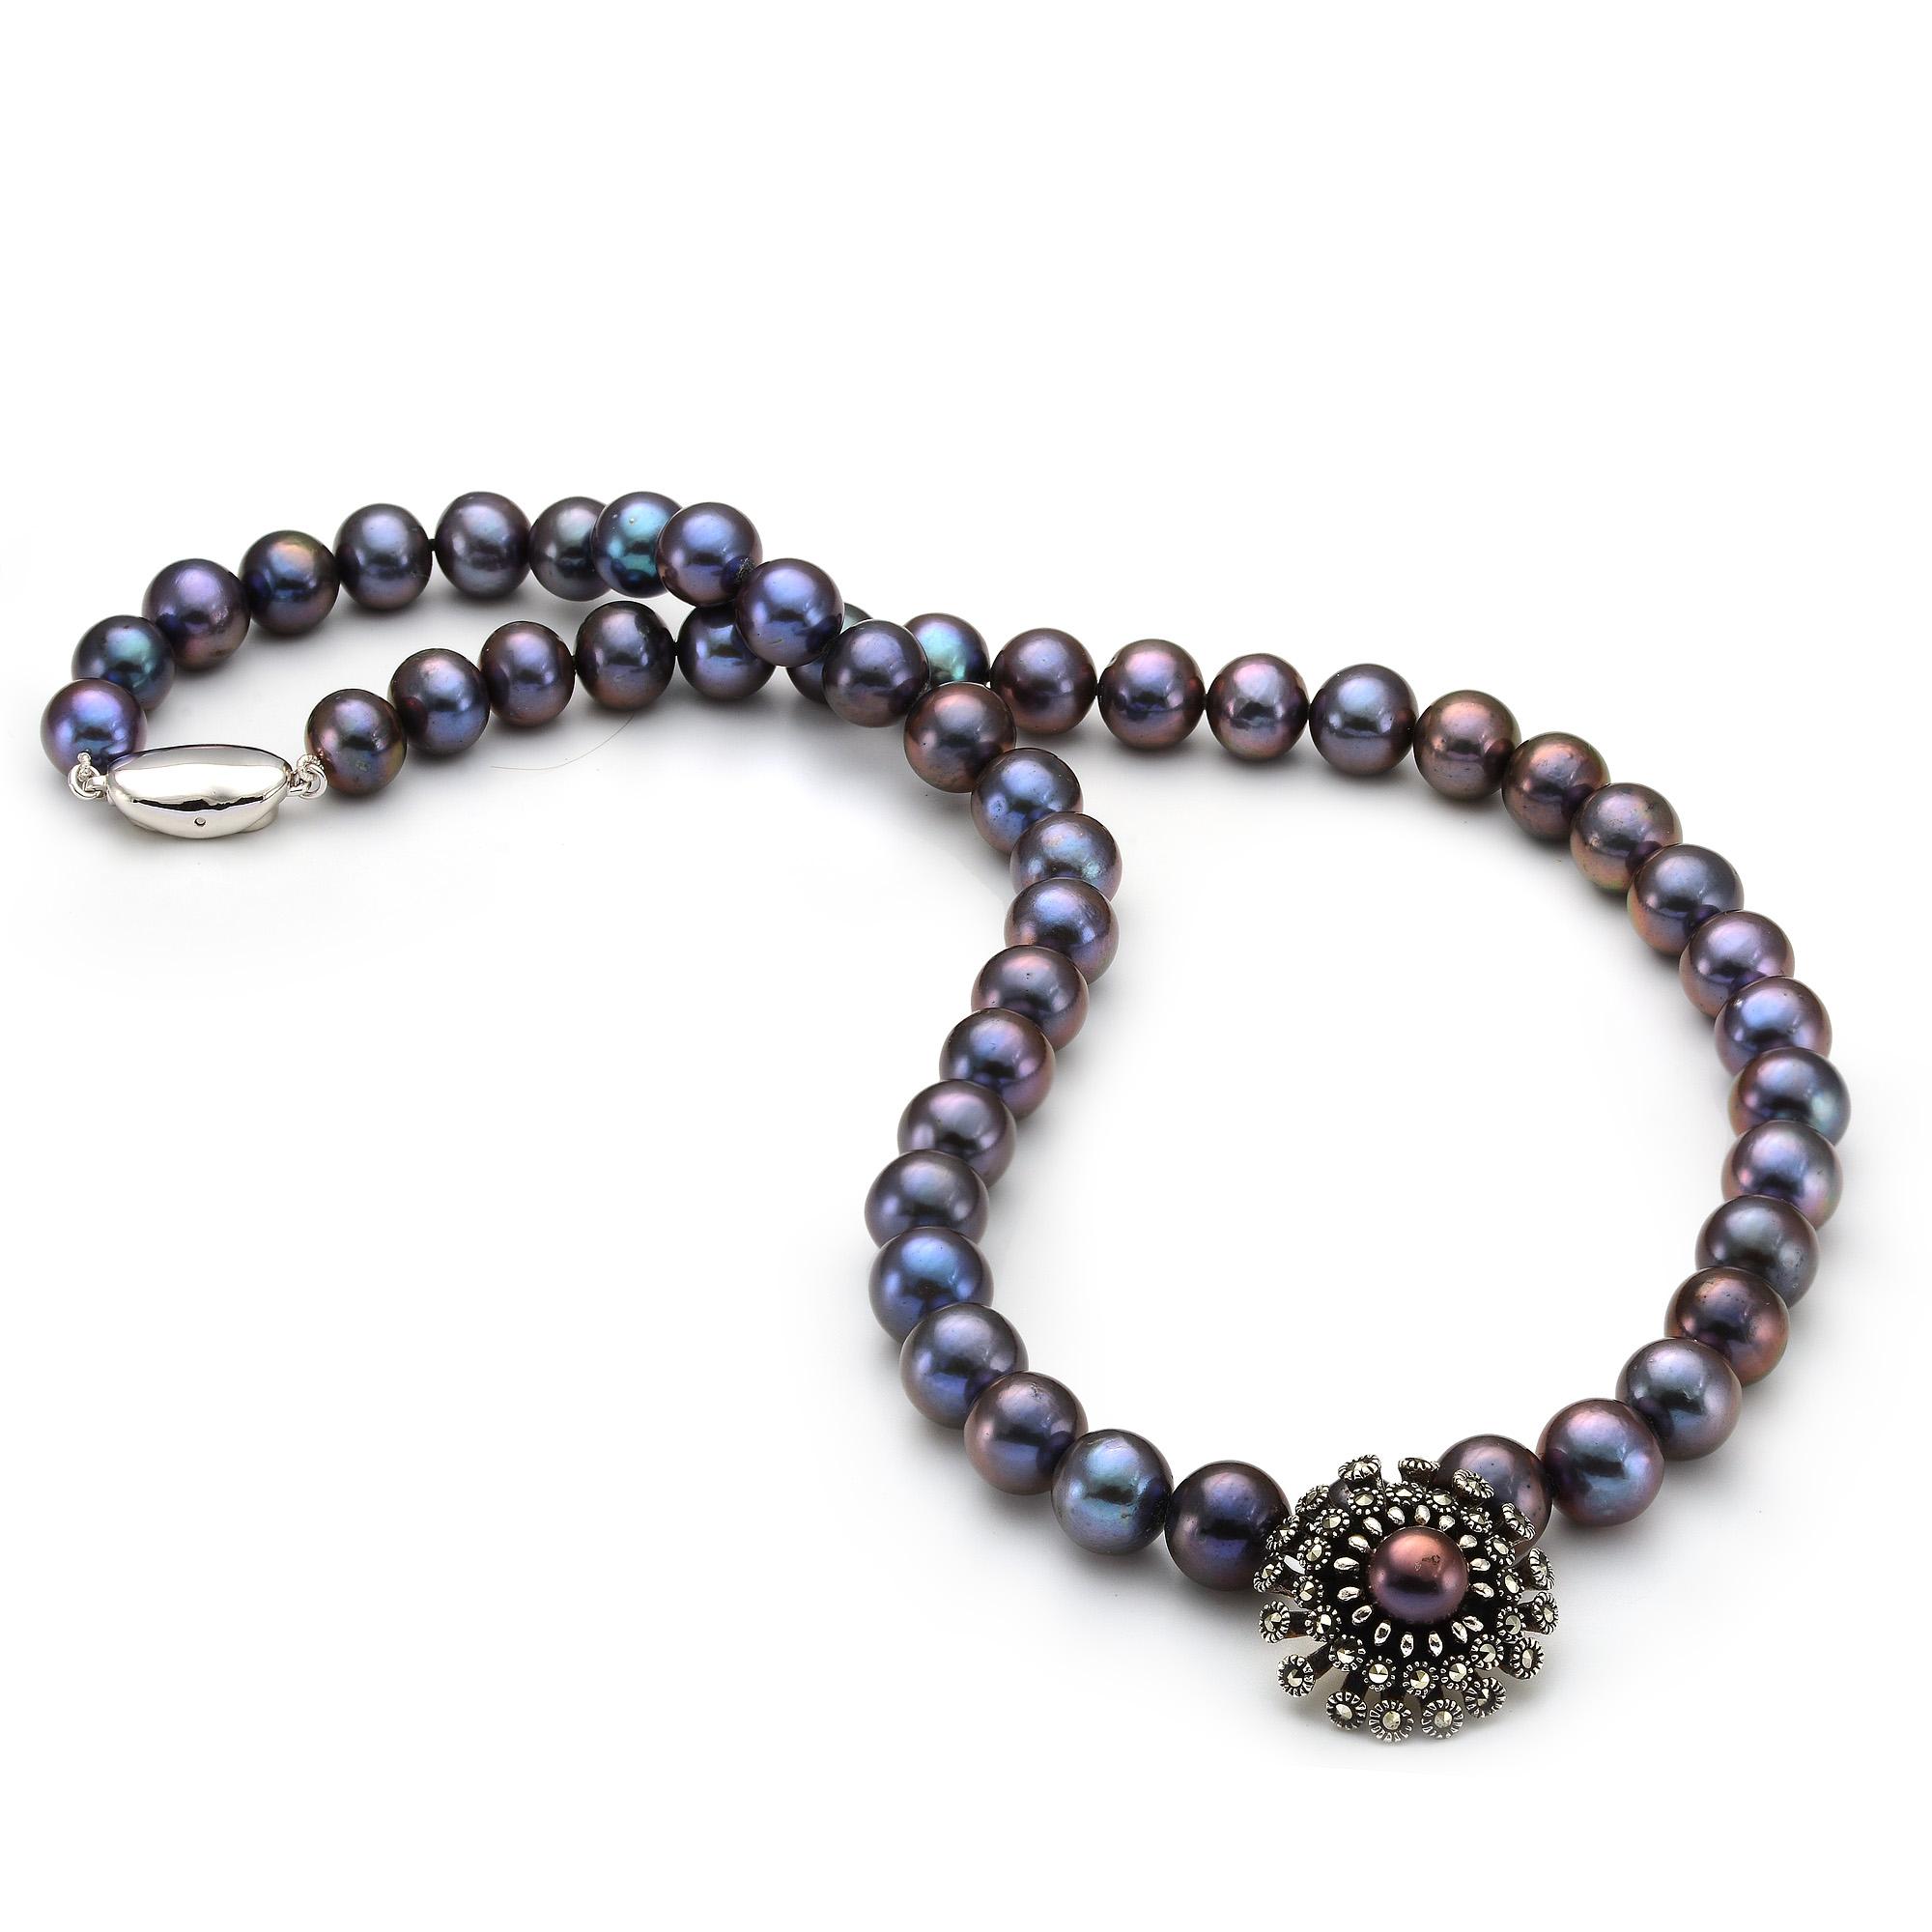 Ожерелье из черного речного жемчуга с подвеской из серебра